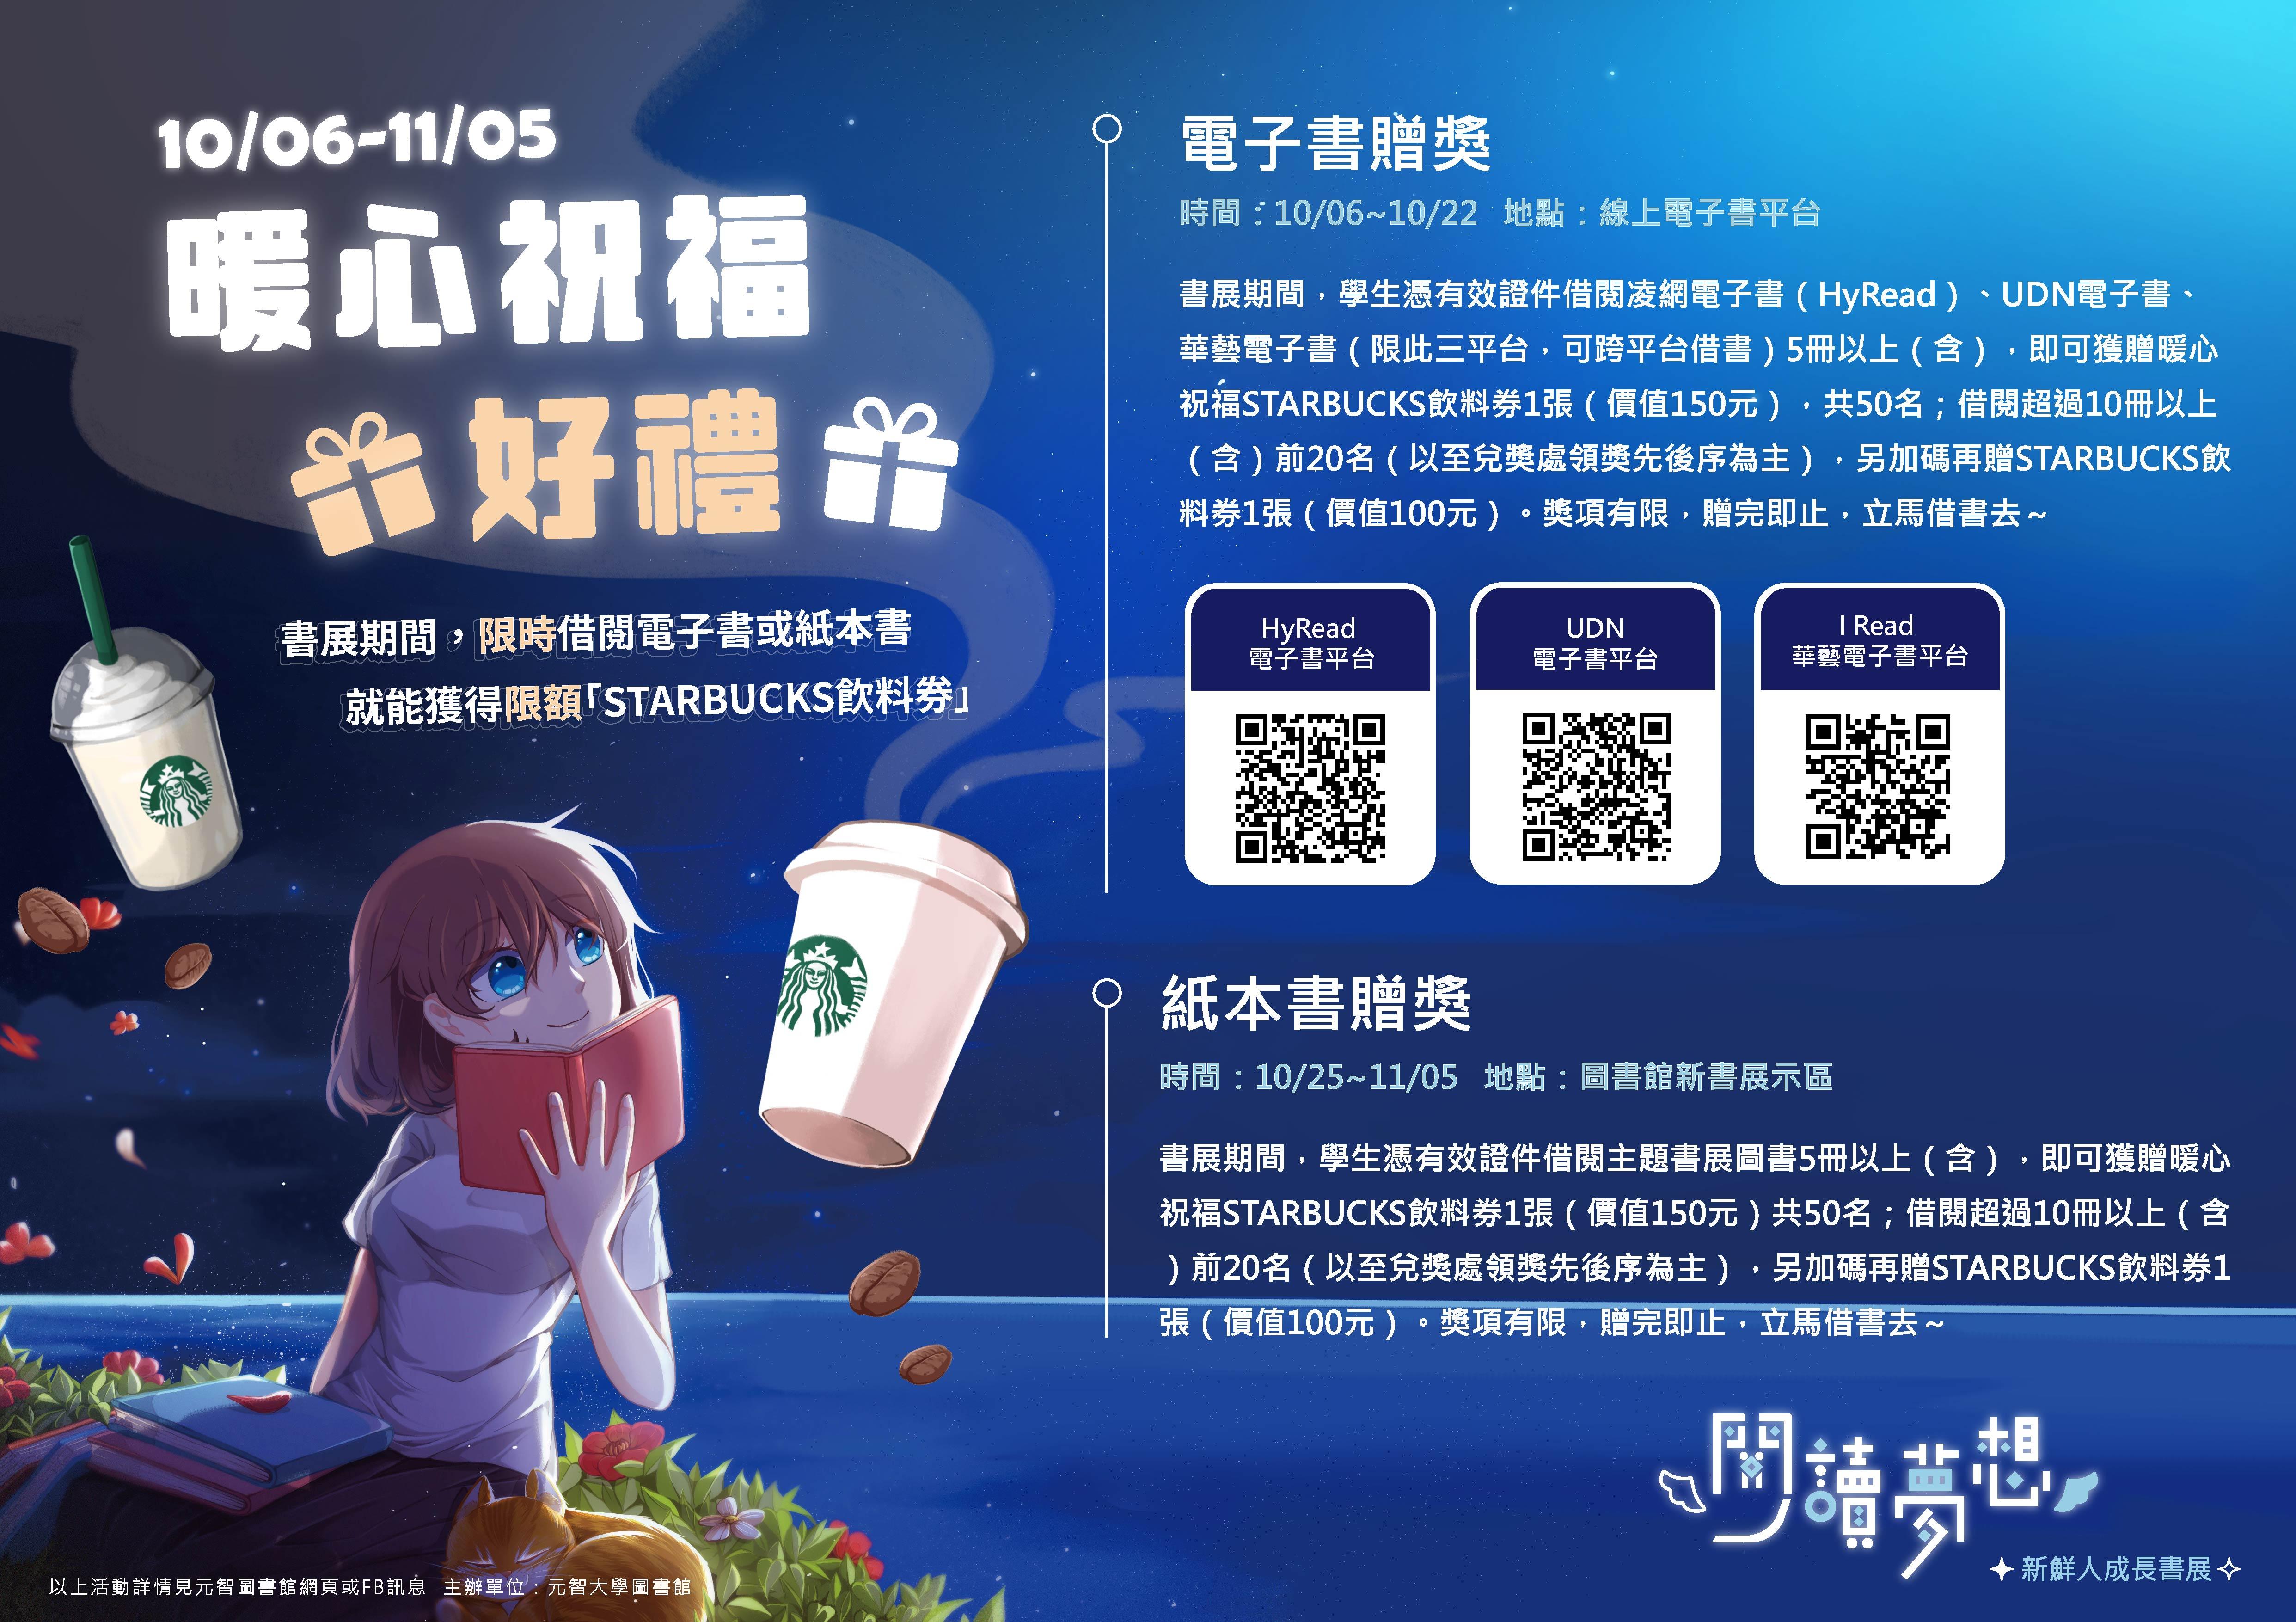 【閱讀夢想 - 新鮮人成長書展】暖心祝福!STARBUCKS飲料券限時送給您!